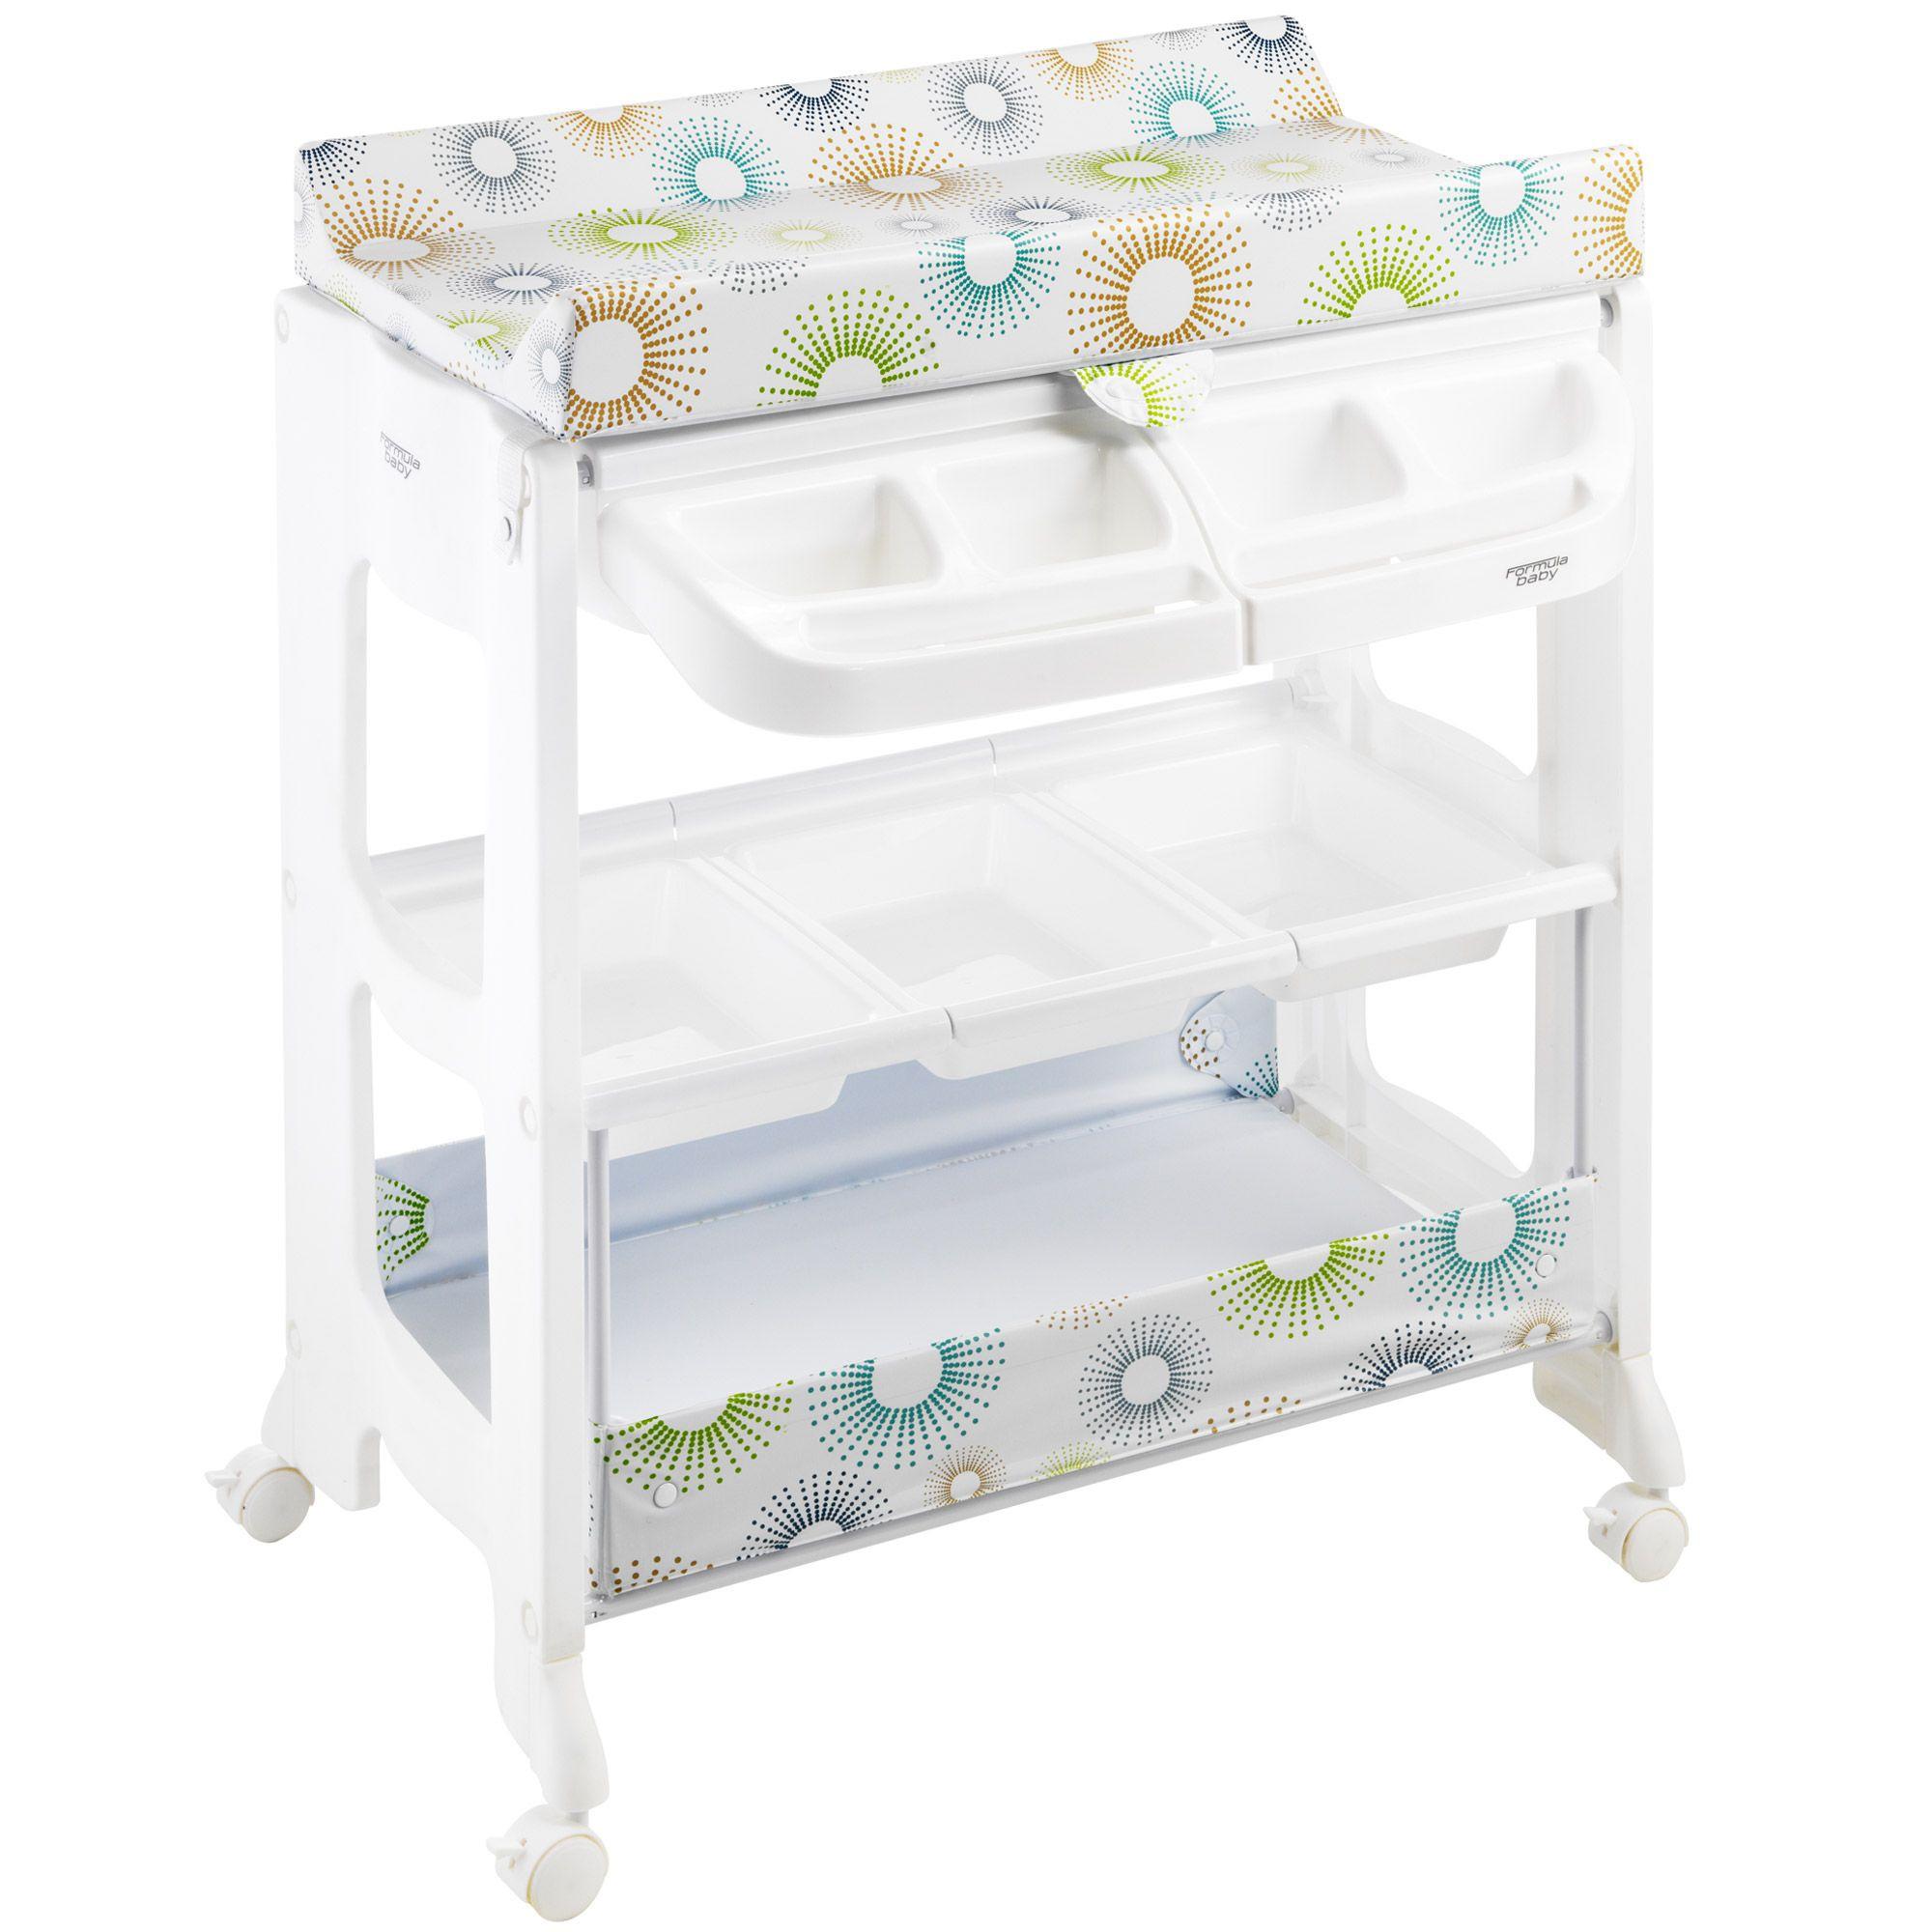 Table langer galaxy formula baby avis et comparateur - Table a langer en bois avec baignoire ...